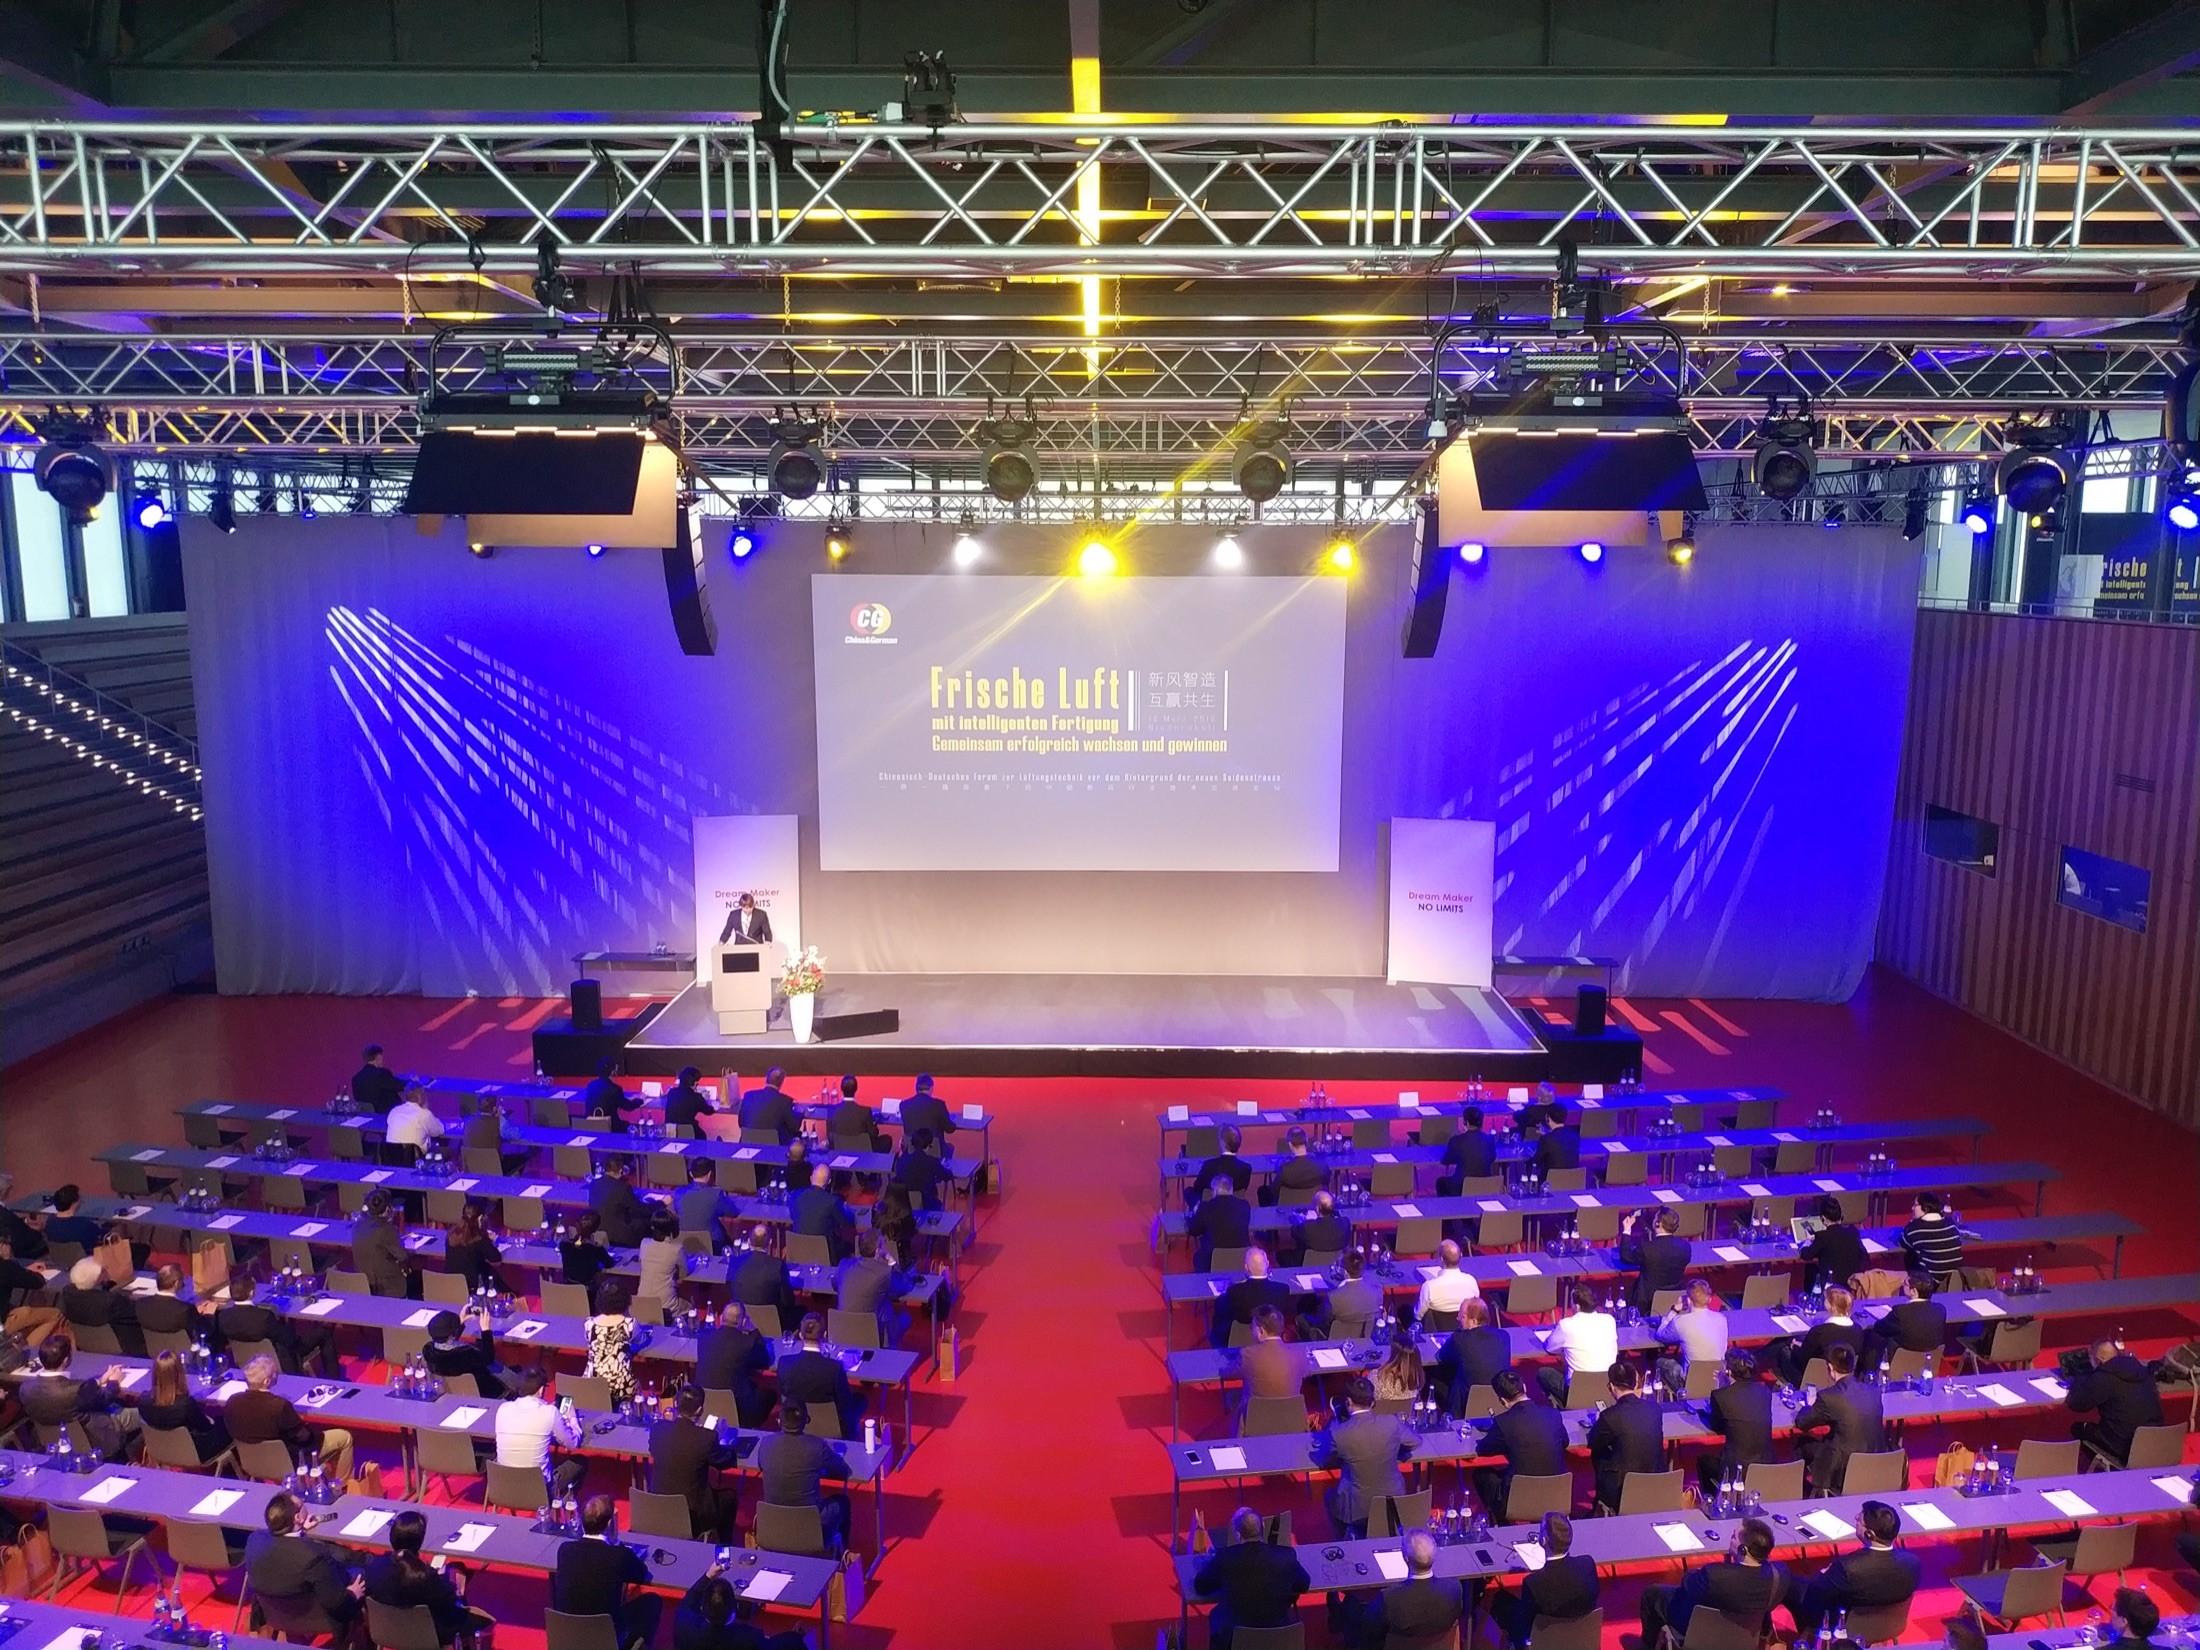 中德新风论坛在德国举办 新风系统应是建筑标配